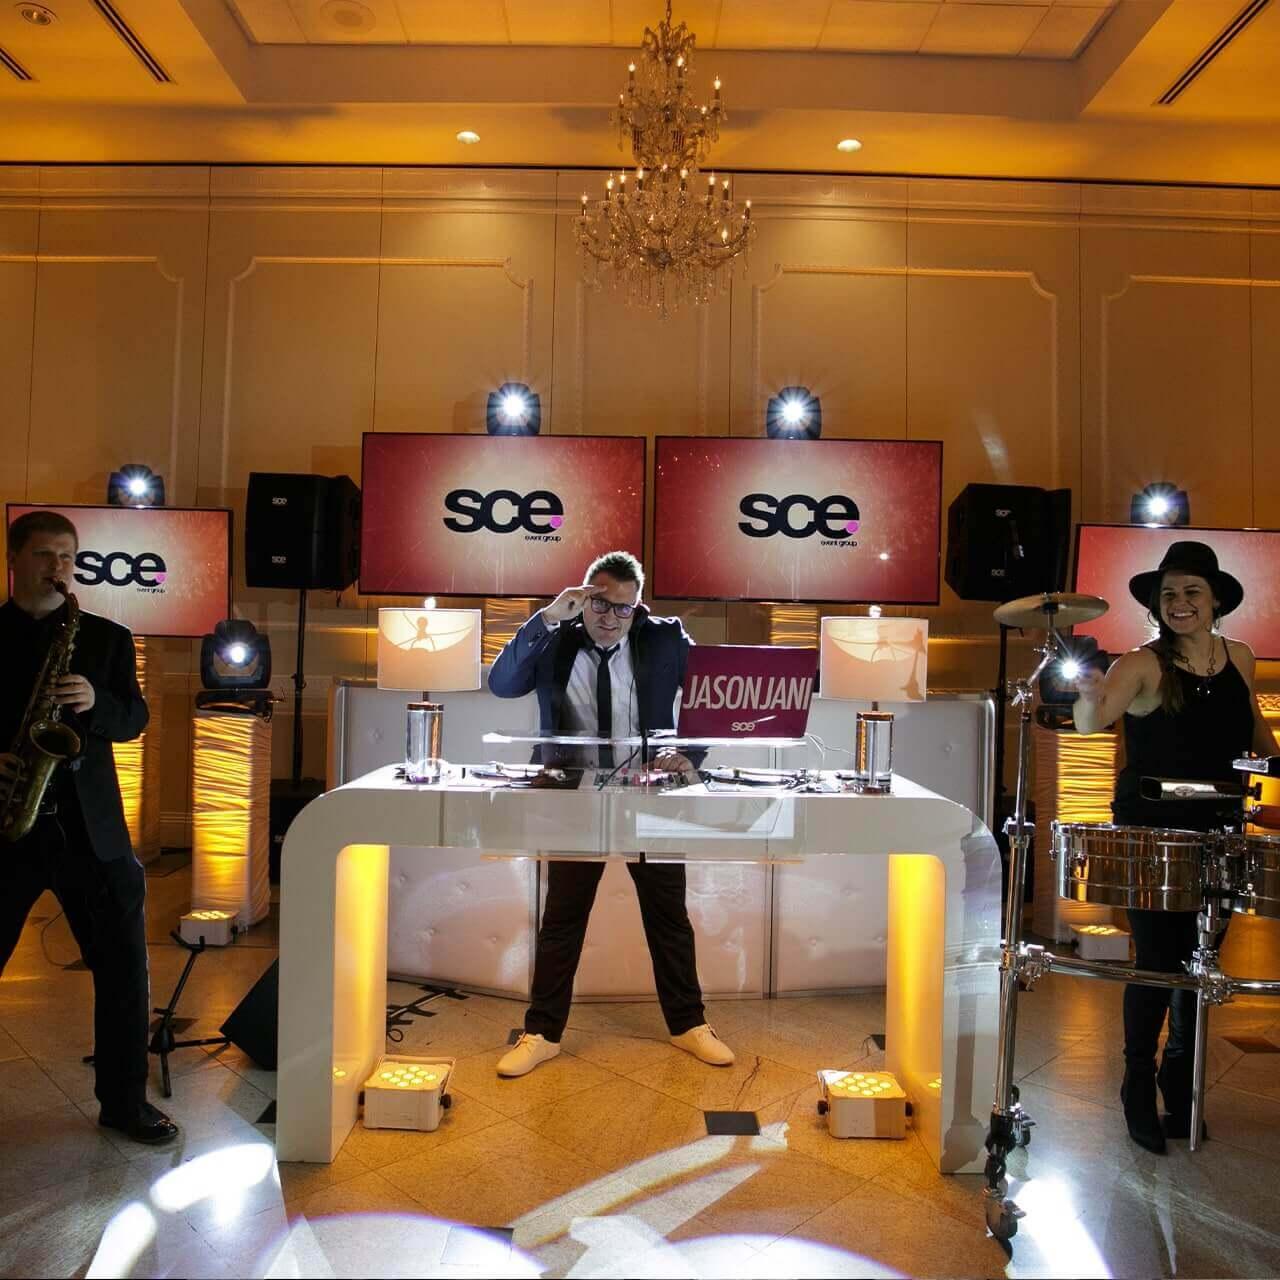 Amazing DJ Set Up